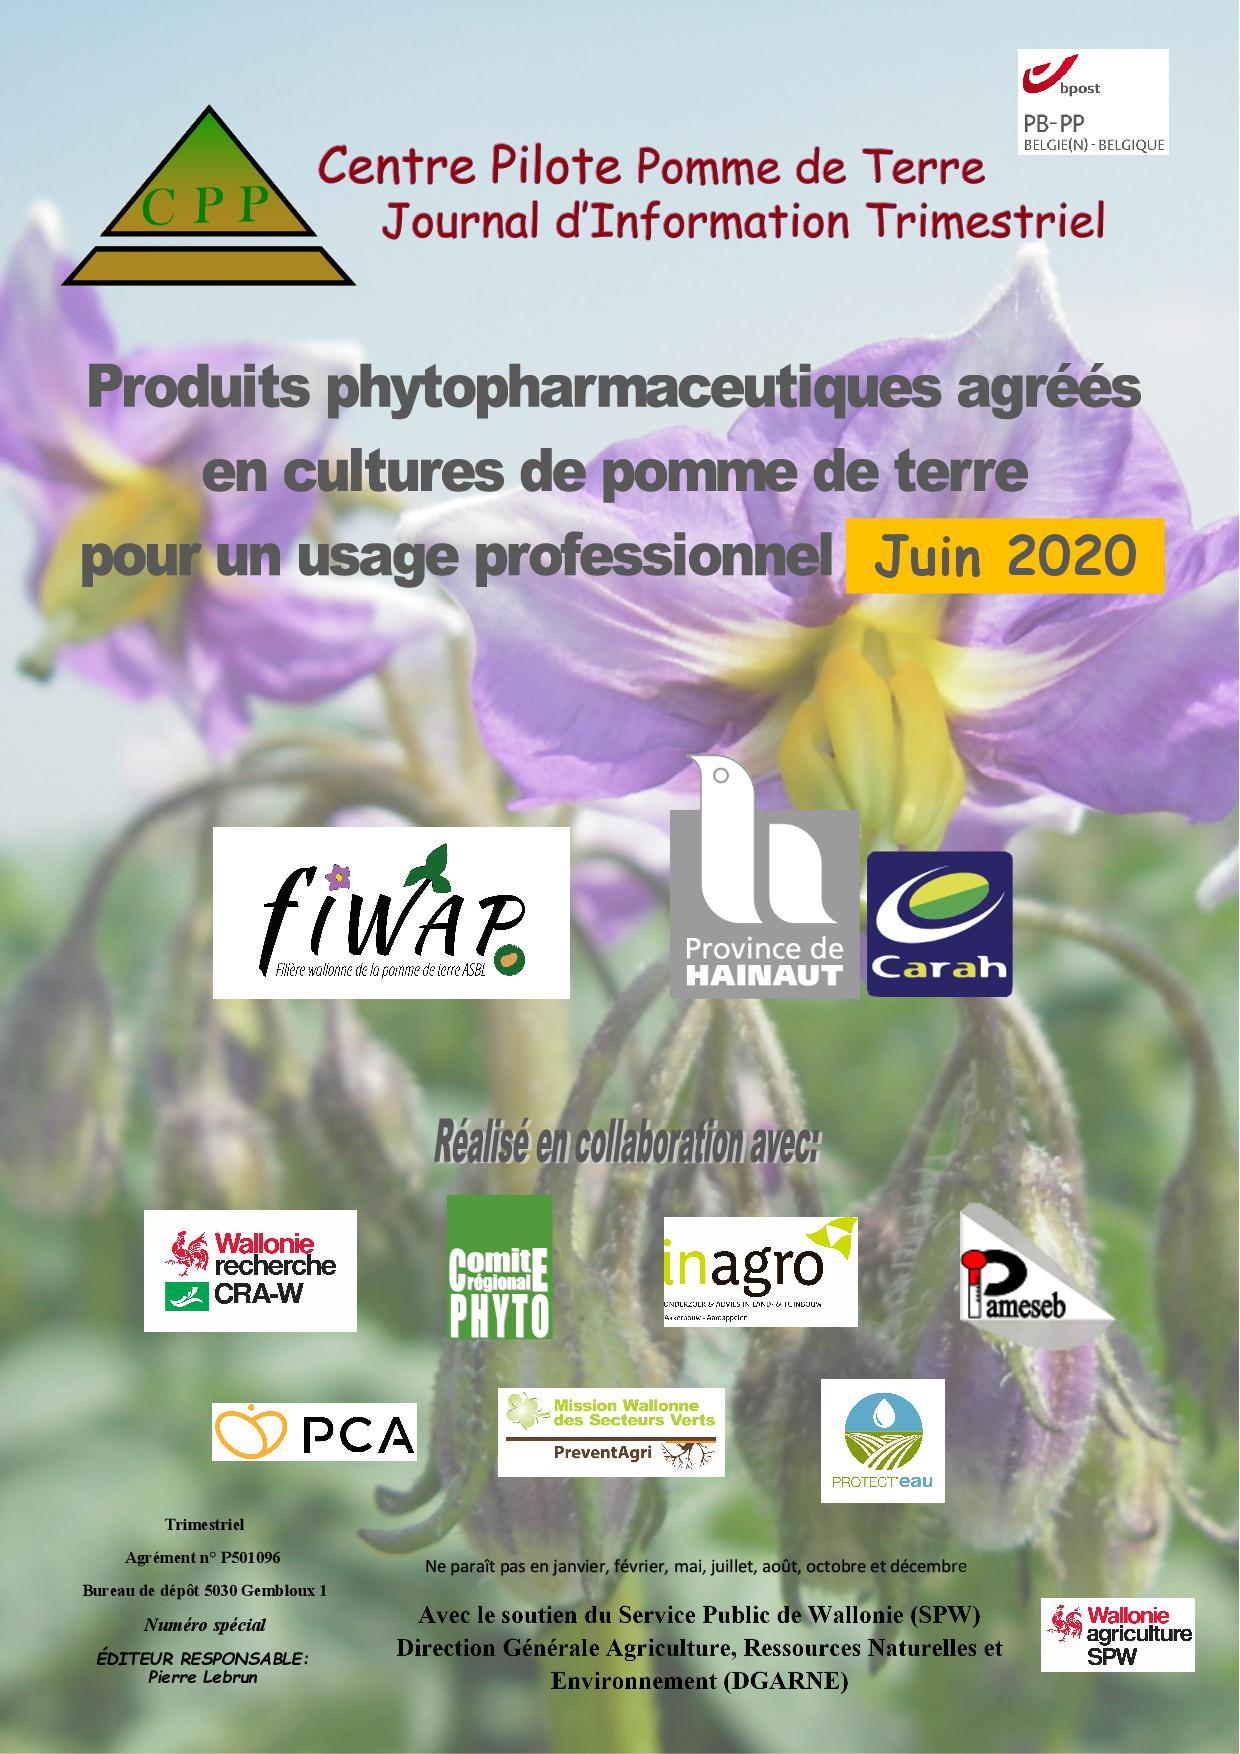 Liste Produits Phyto 2020 (mise à jour juin 2020)